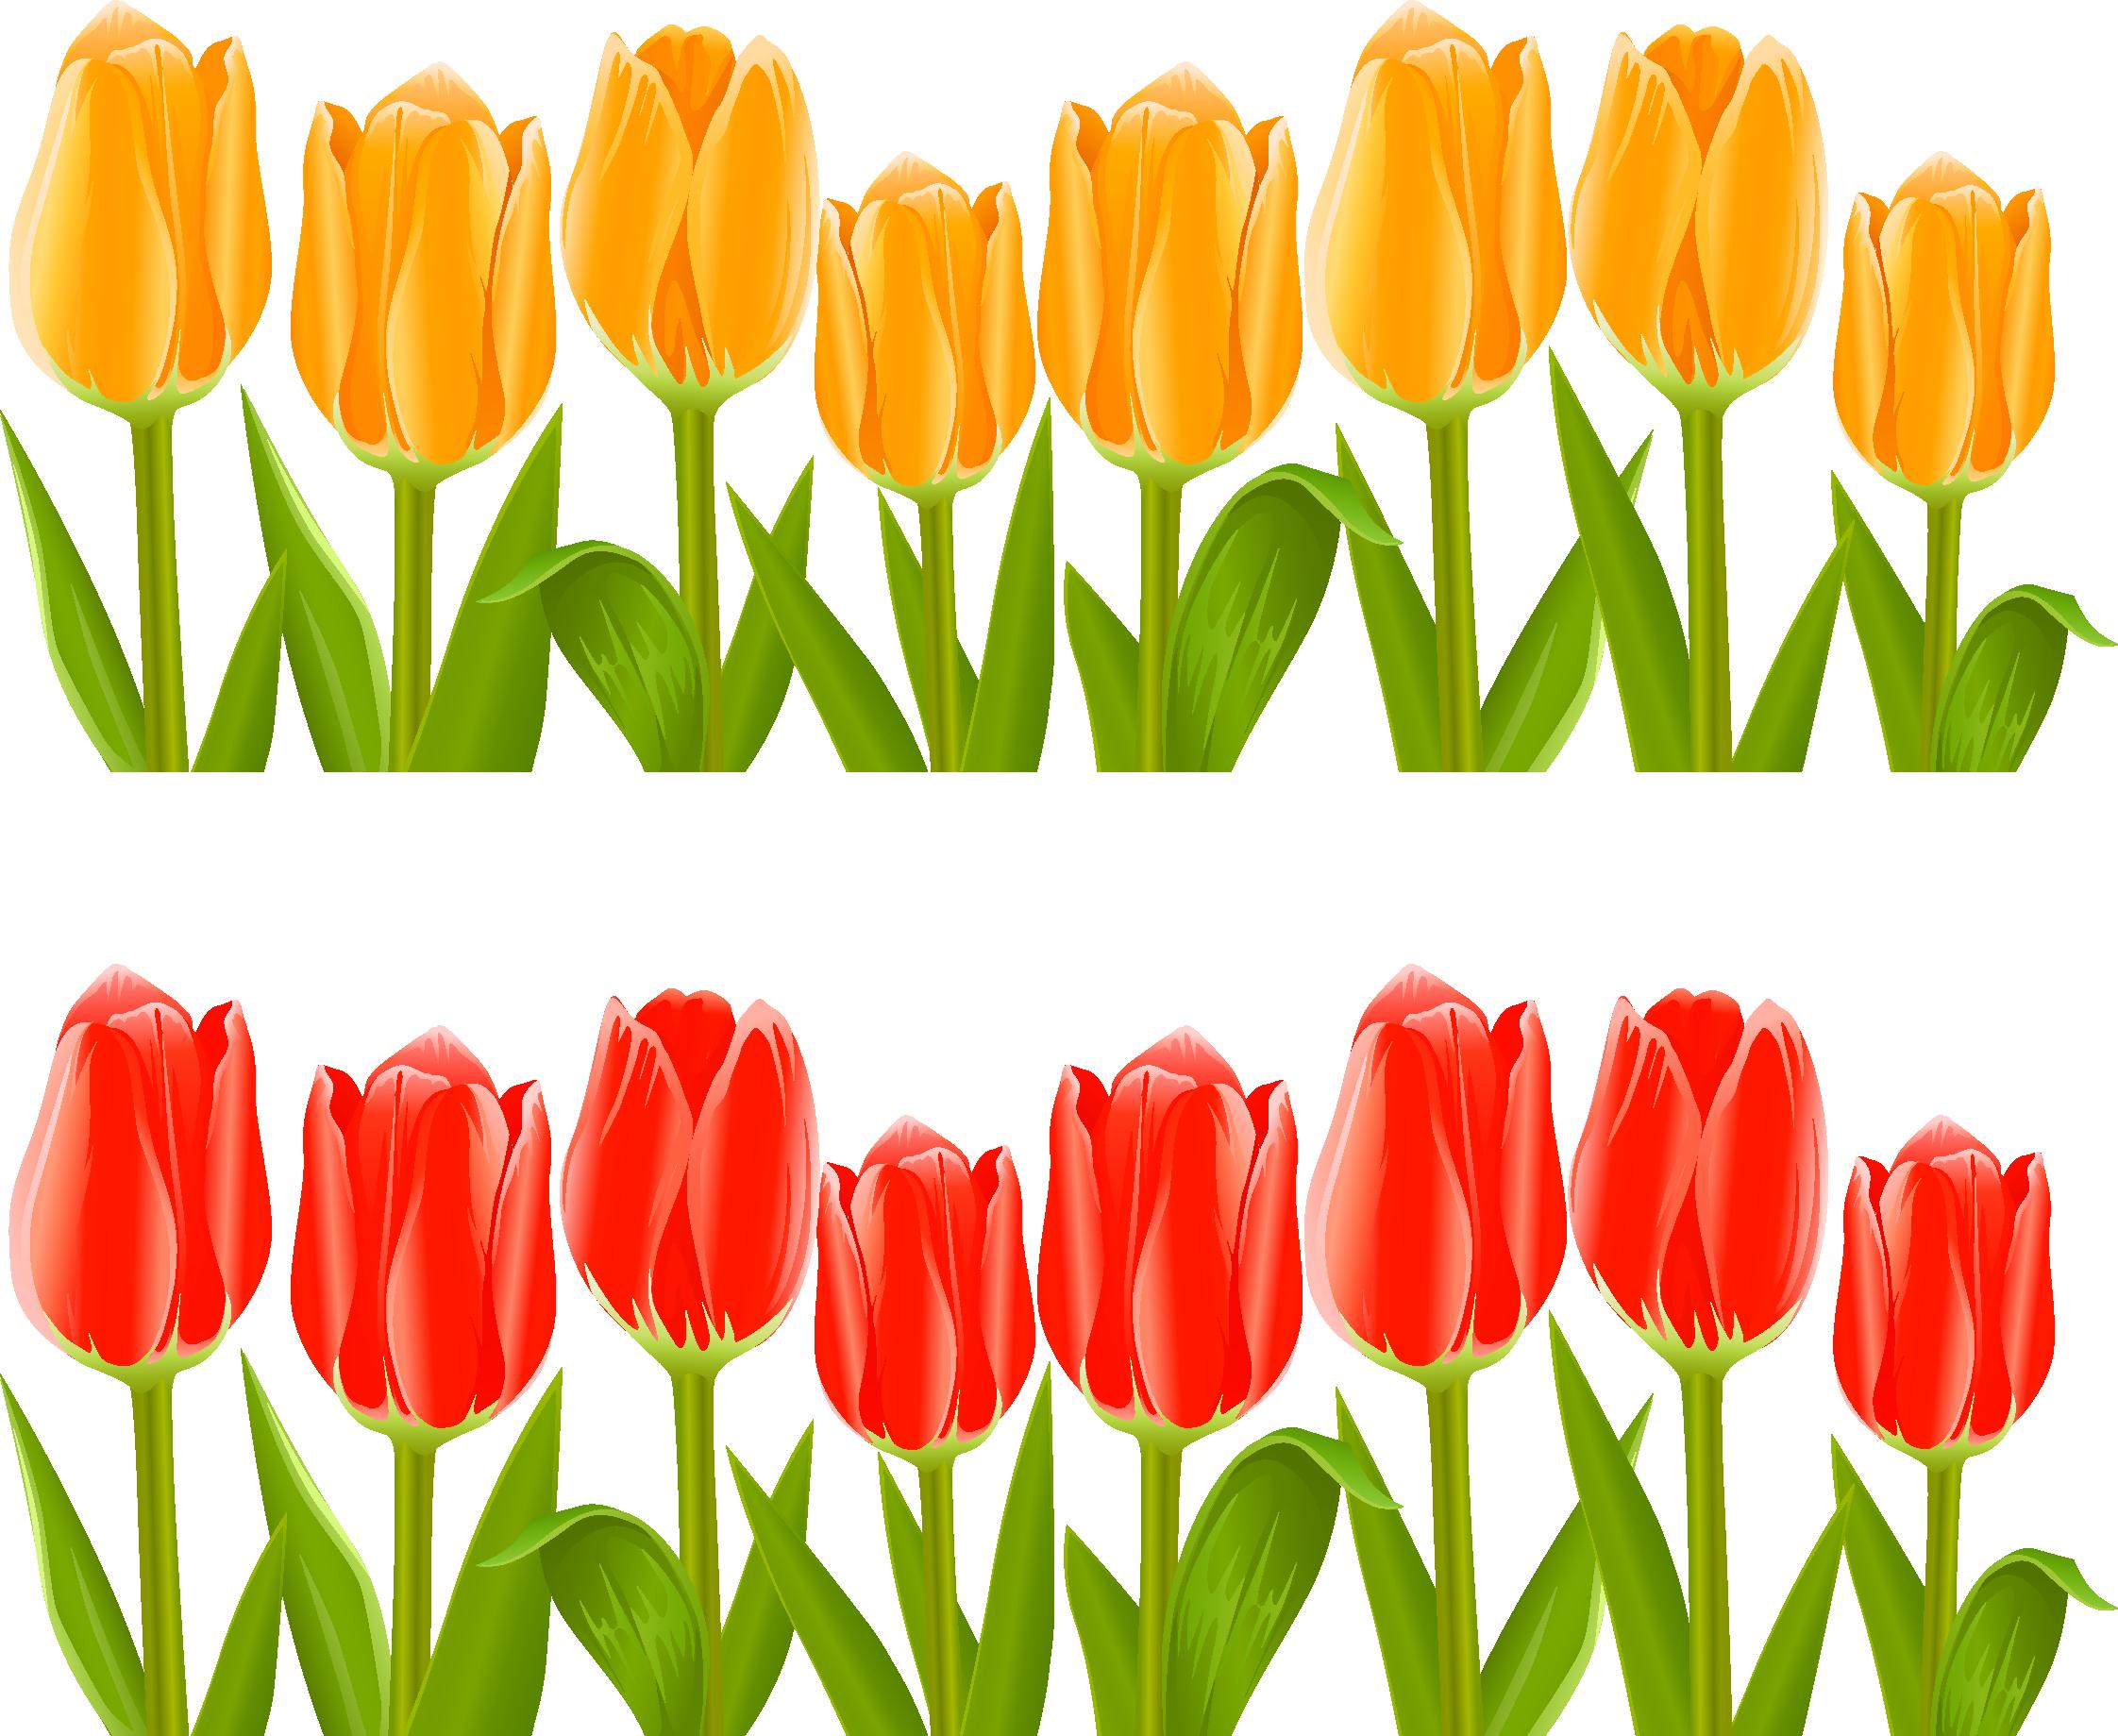 indira gandhi memorial tulip garden flower clip art tulips flower garden clip art png download full size clipart 214749 pinclipart indira gandhi memorial tulip garden